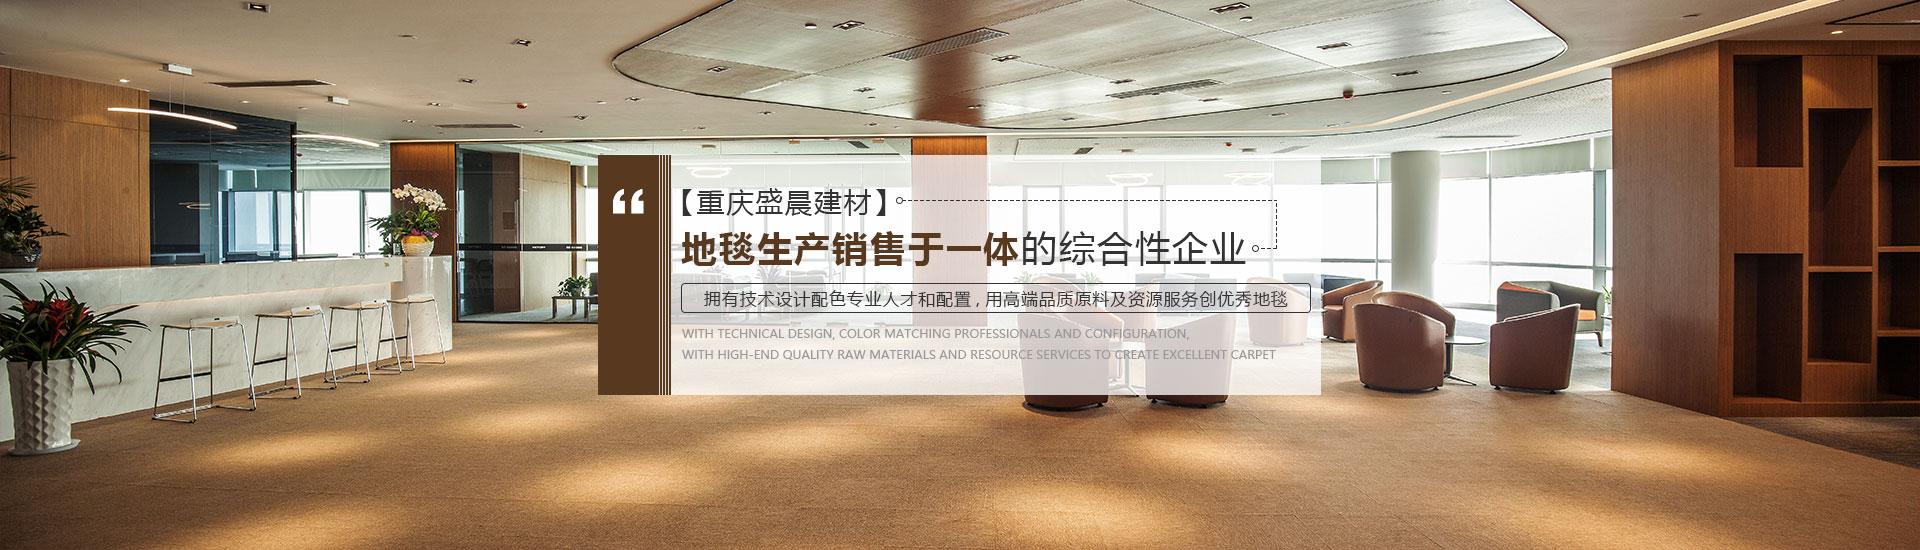 重庆地毯批发